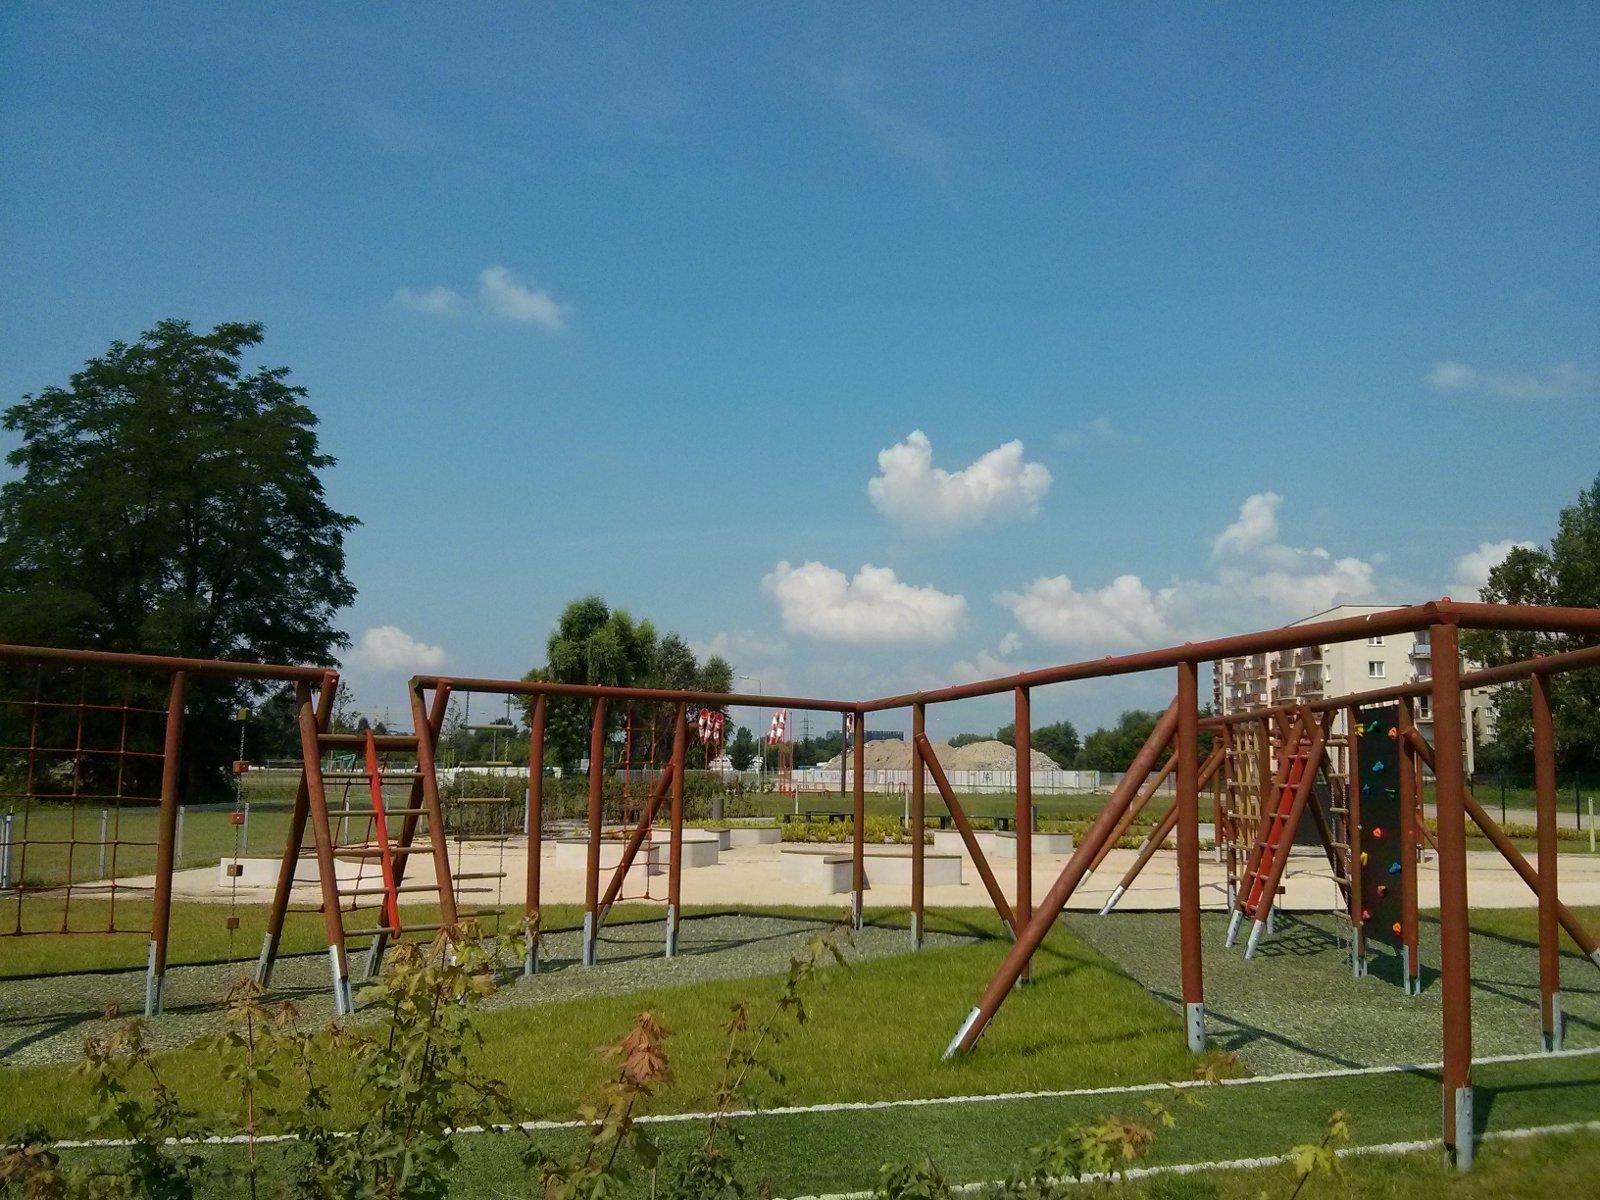 Elementy do wspinaczki dla dzieci - Avia